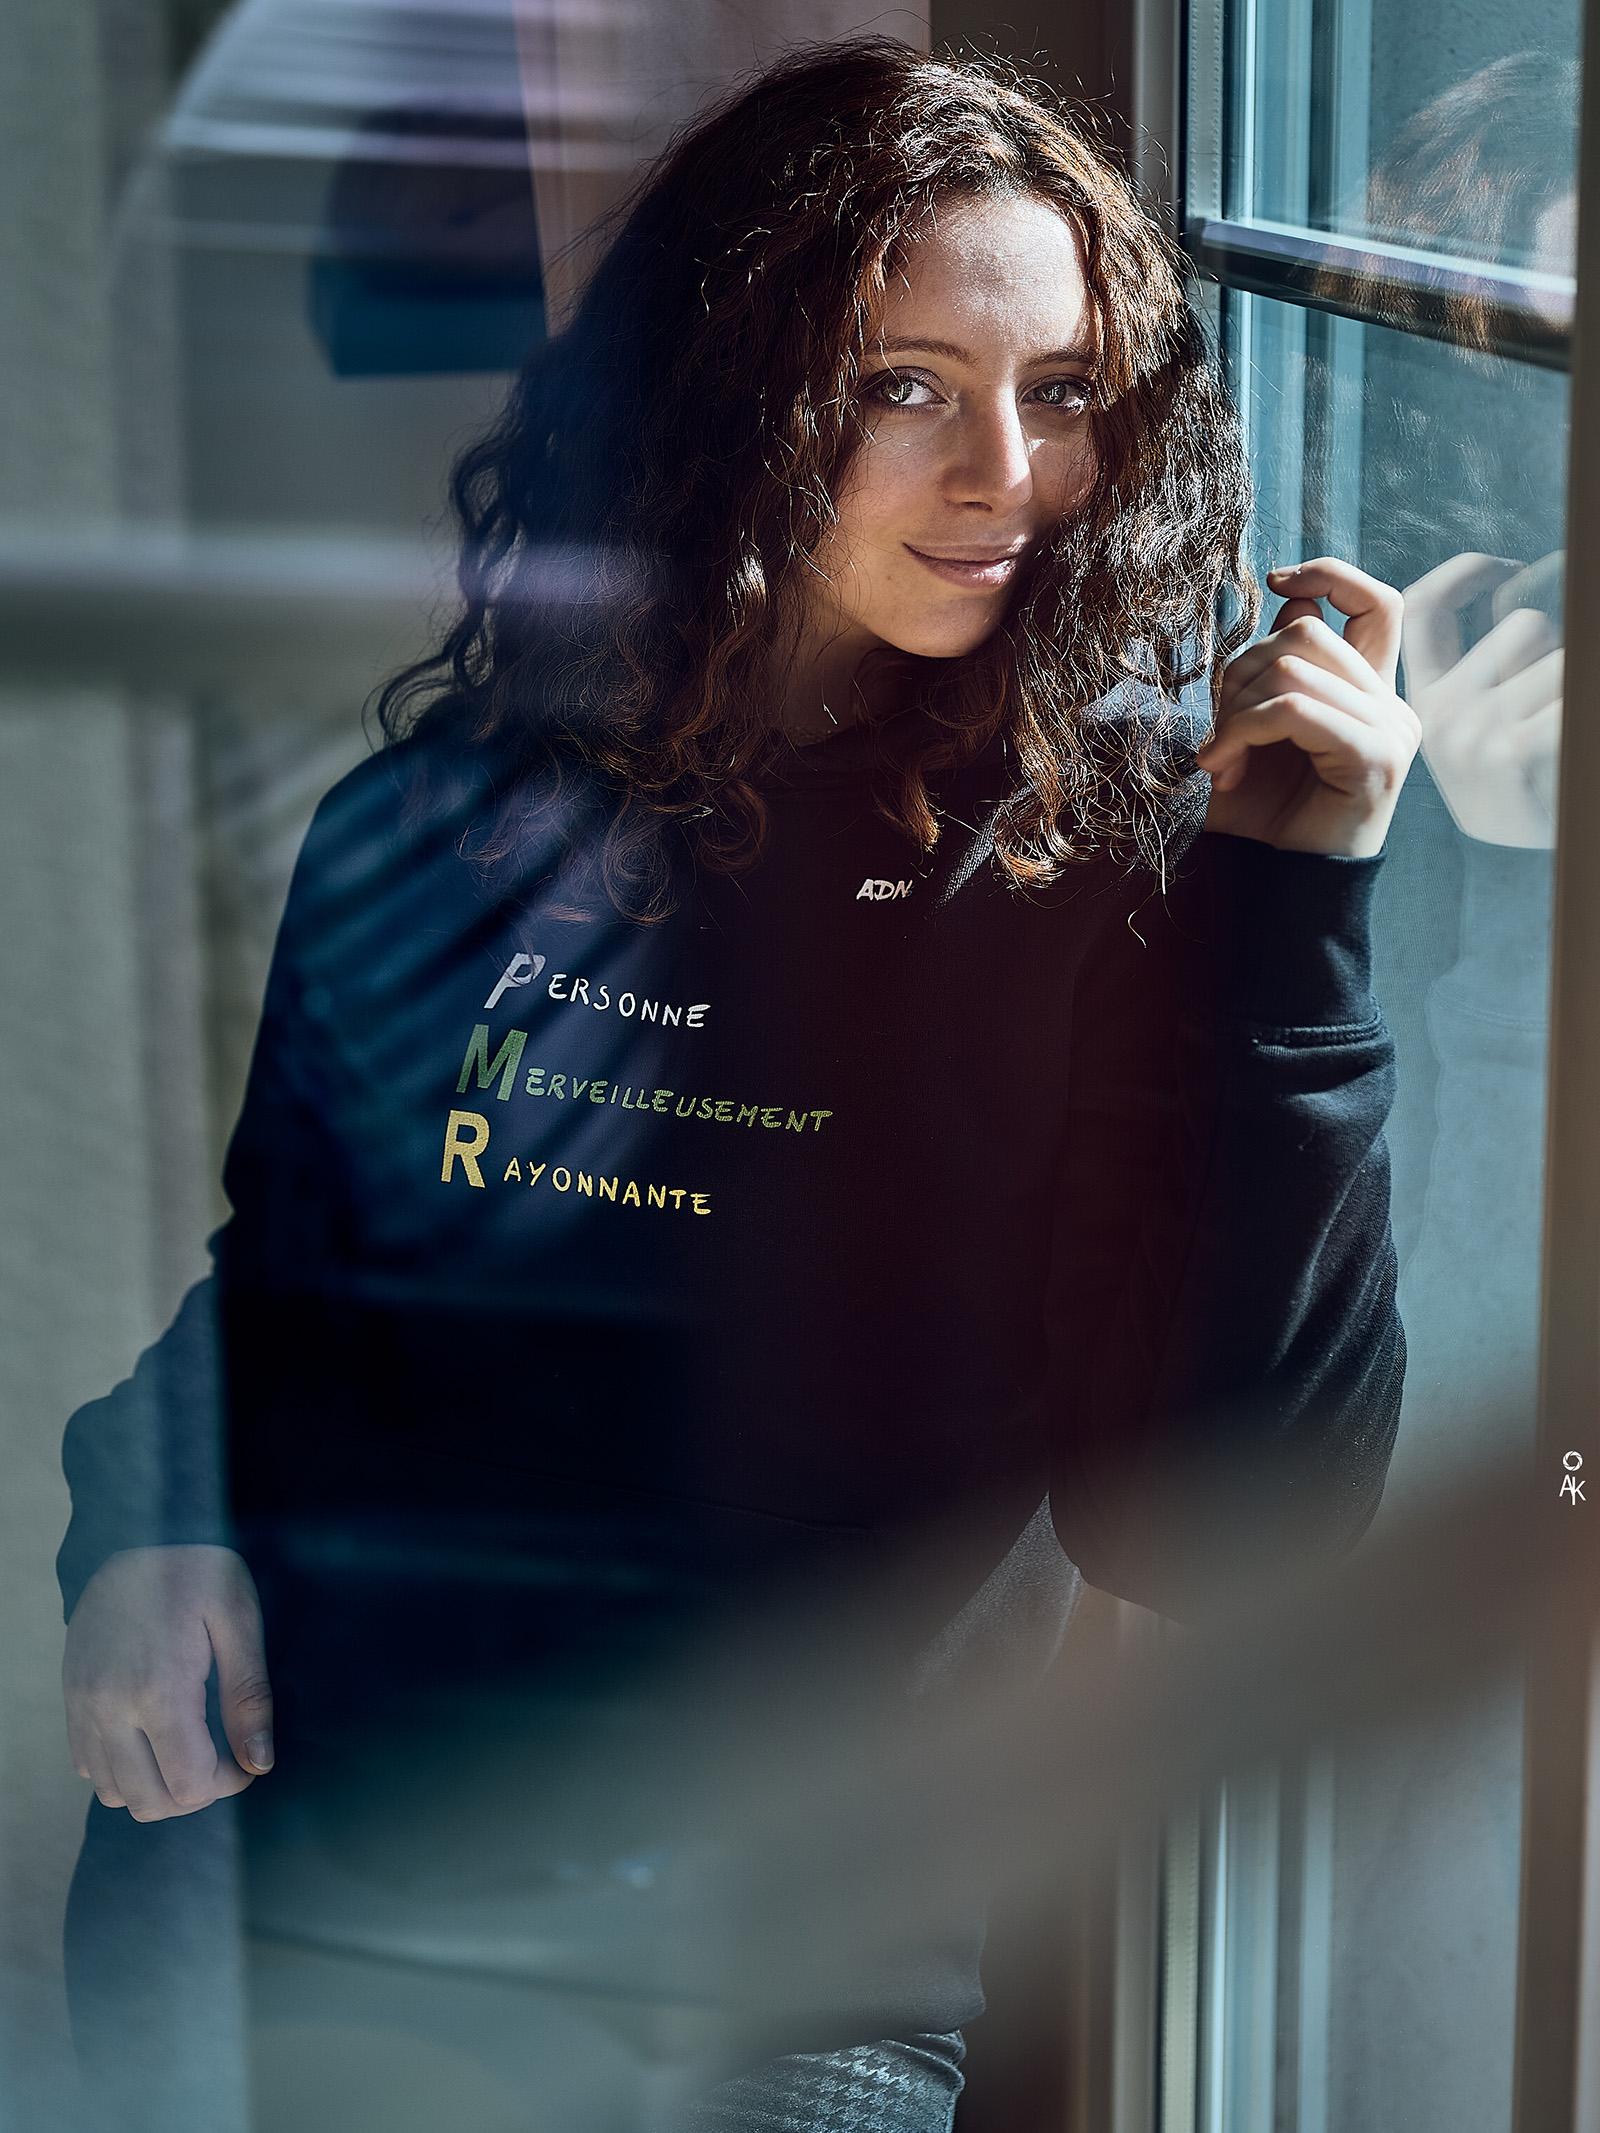 Une femme portant un T-shirt avec l'inscription Personne Merveilleusement Rayonnante (PMR)